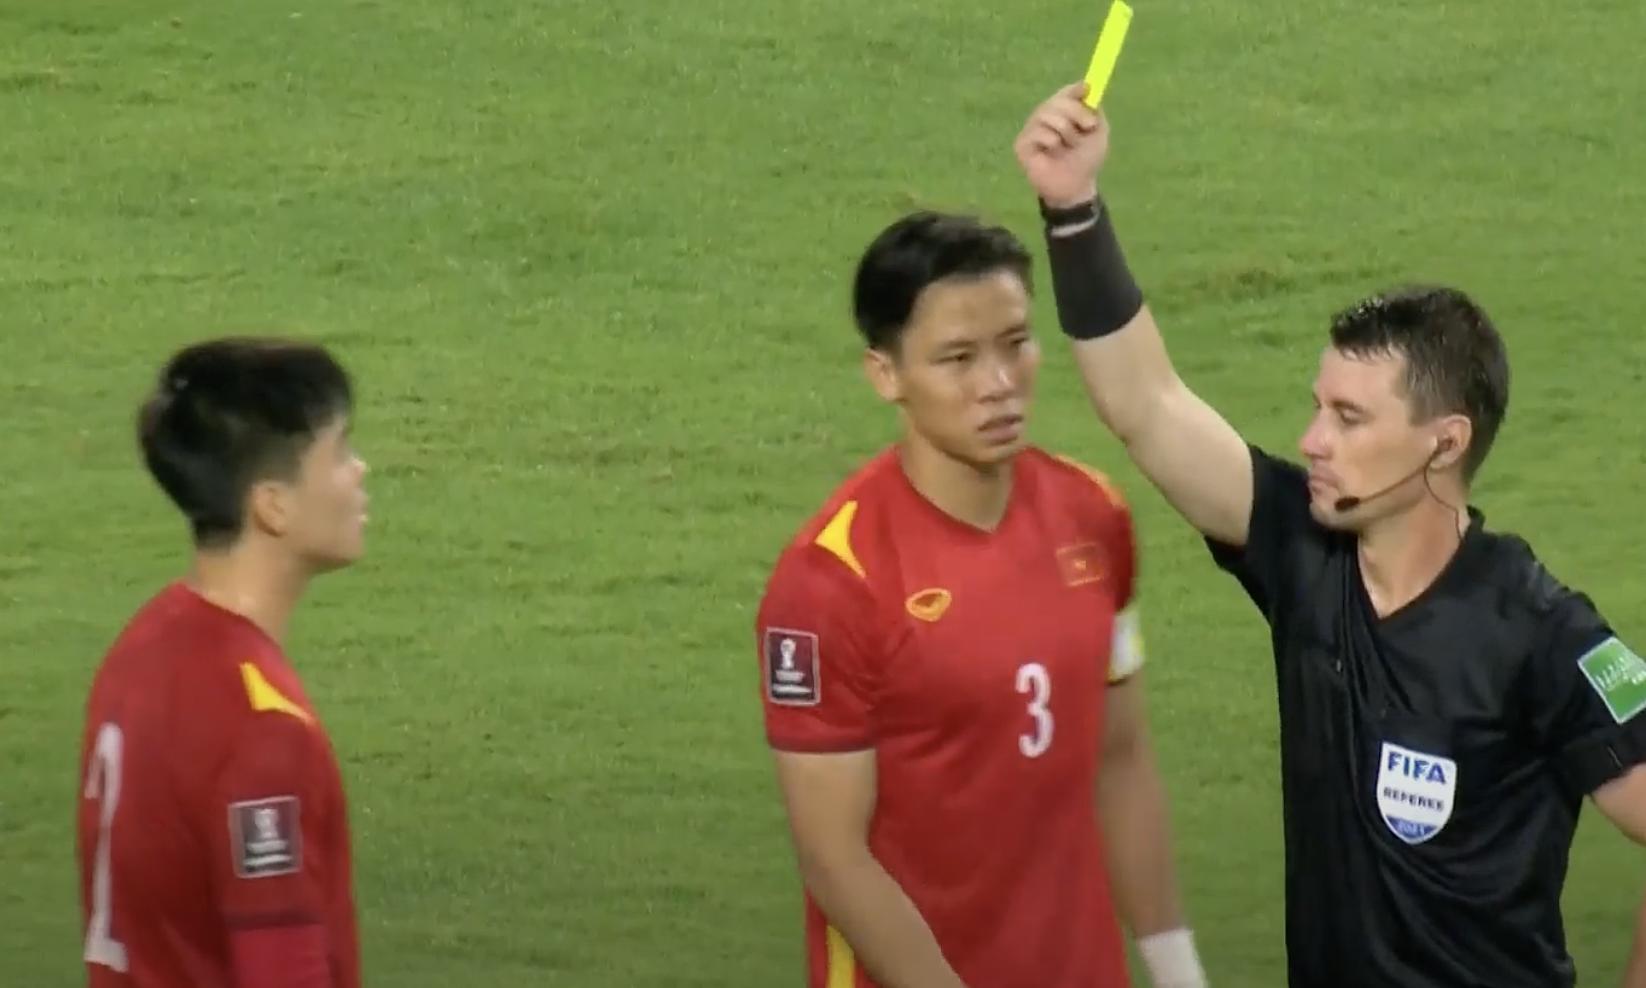 Trọng tài Tantashev rút thẻ vàng thứ hai cho Duy Mạnh, ở phút 54. Ảnh: chụp màn hình